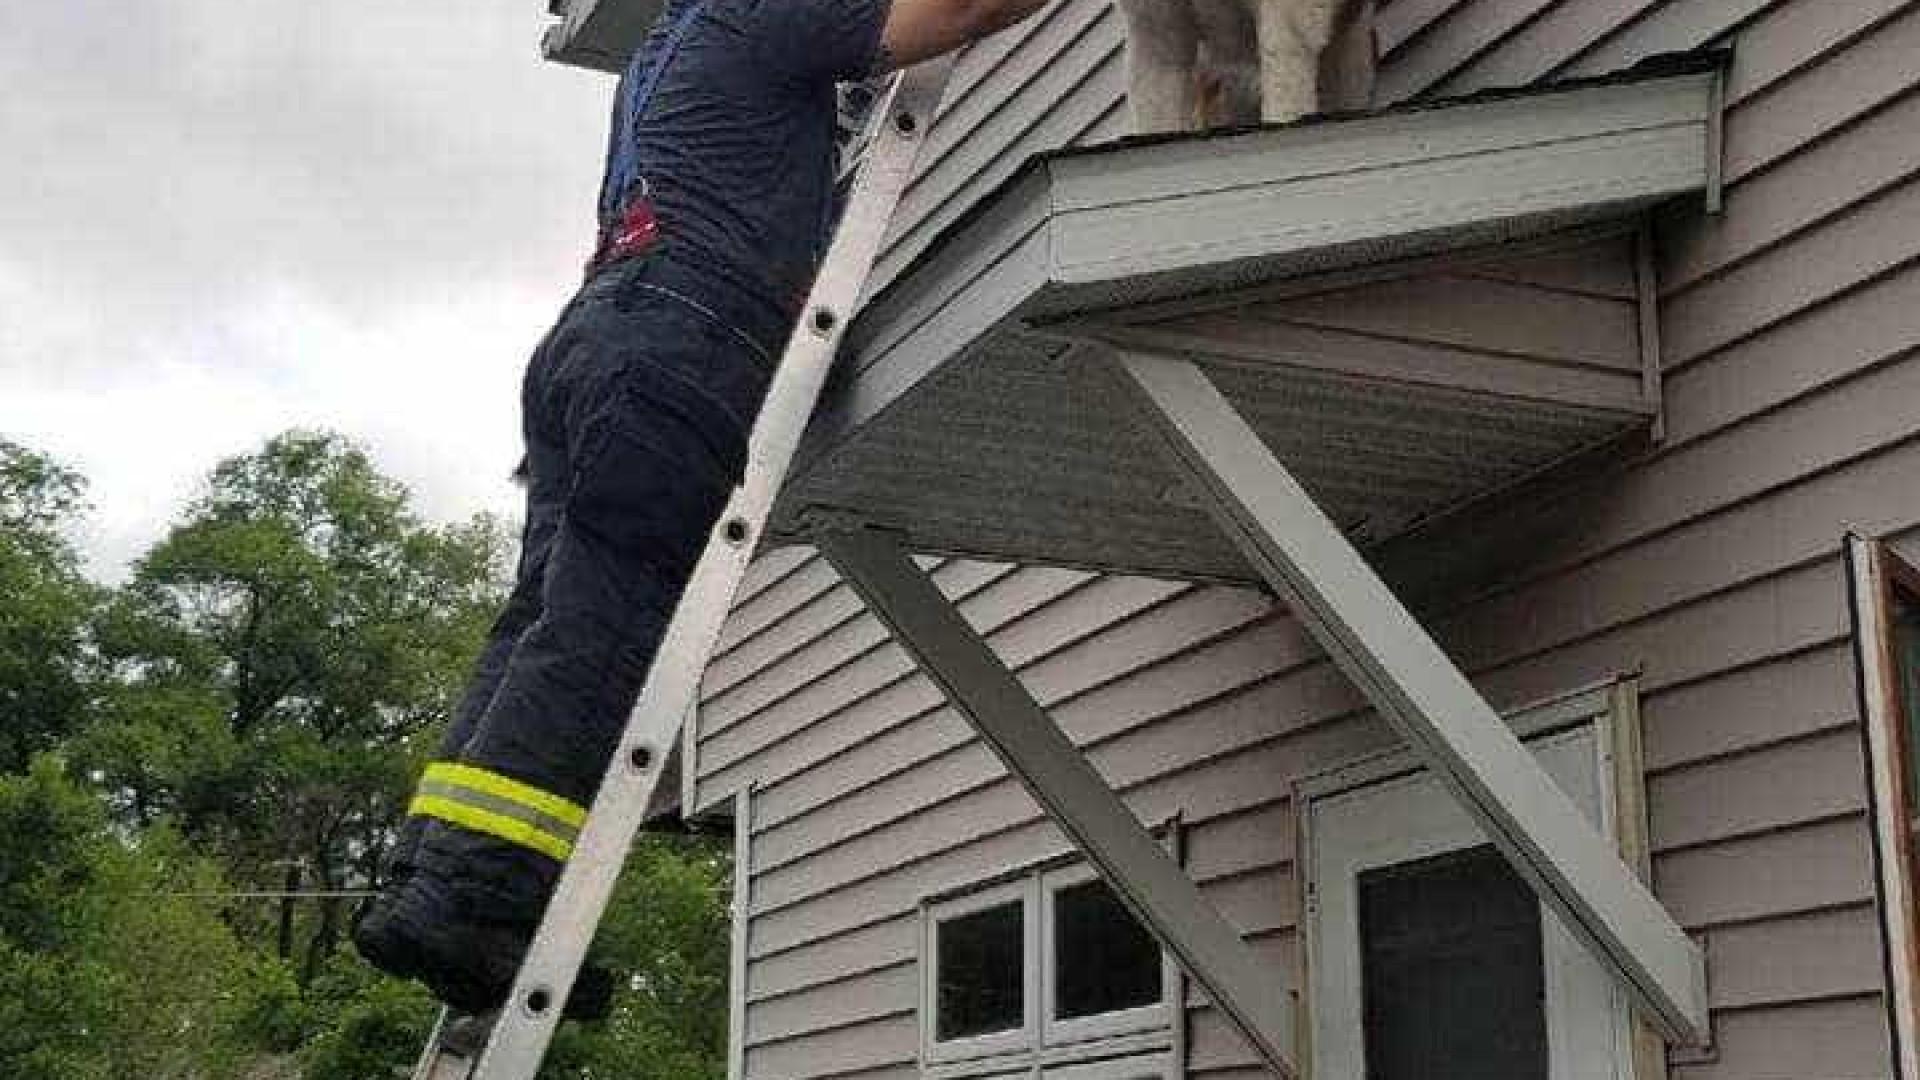 Bombeiros salvam cão São Bernardo de 80 quilos preso no telhado